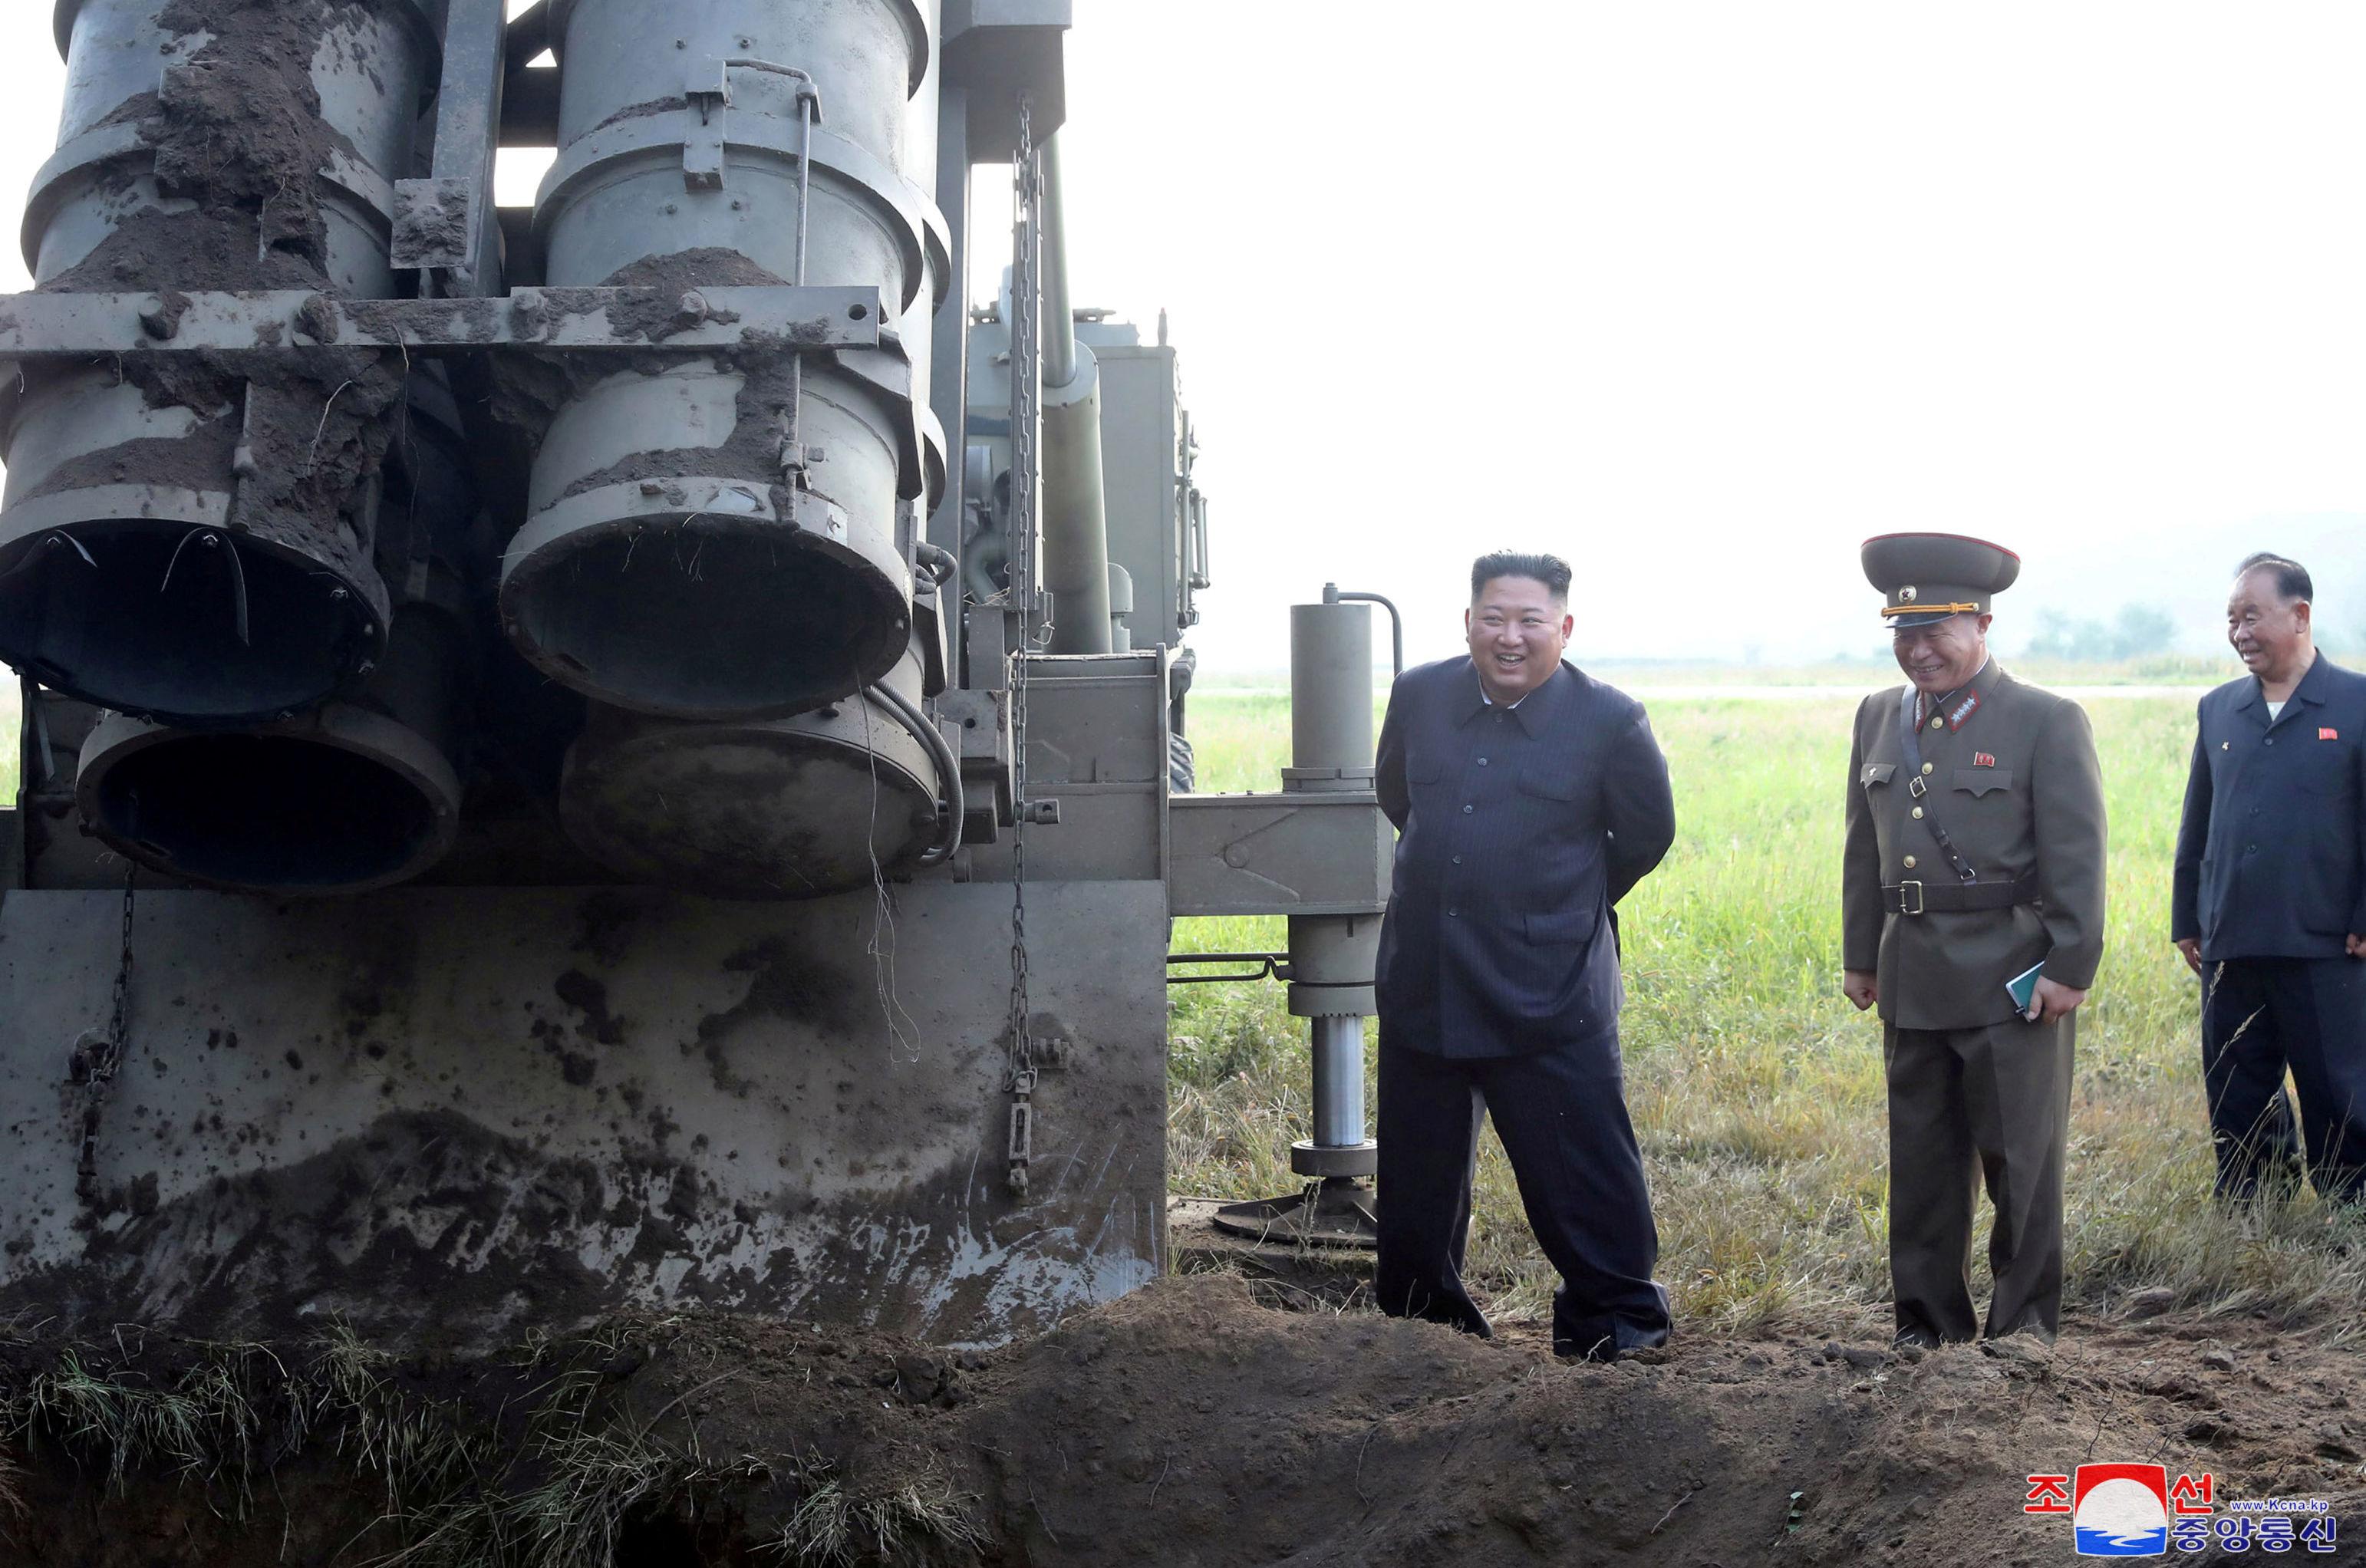 Líder norte-coreano, Kim Jong-un, supervisiona teste de novo lançador múltiplo de foguetes, 10 de setembro de 2019